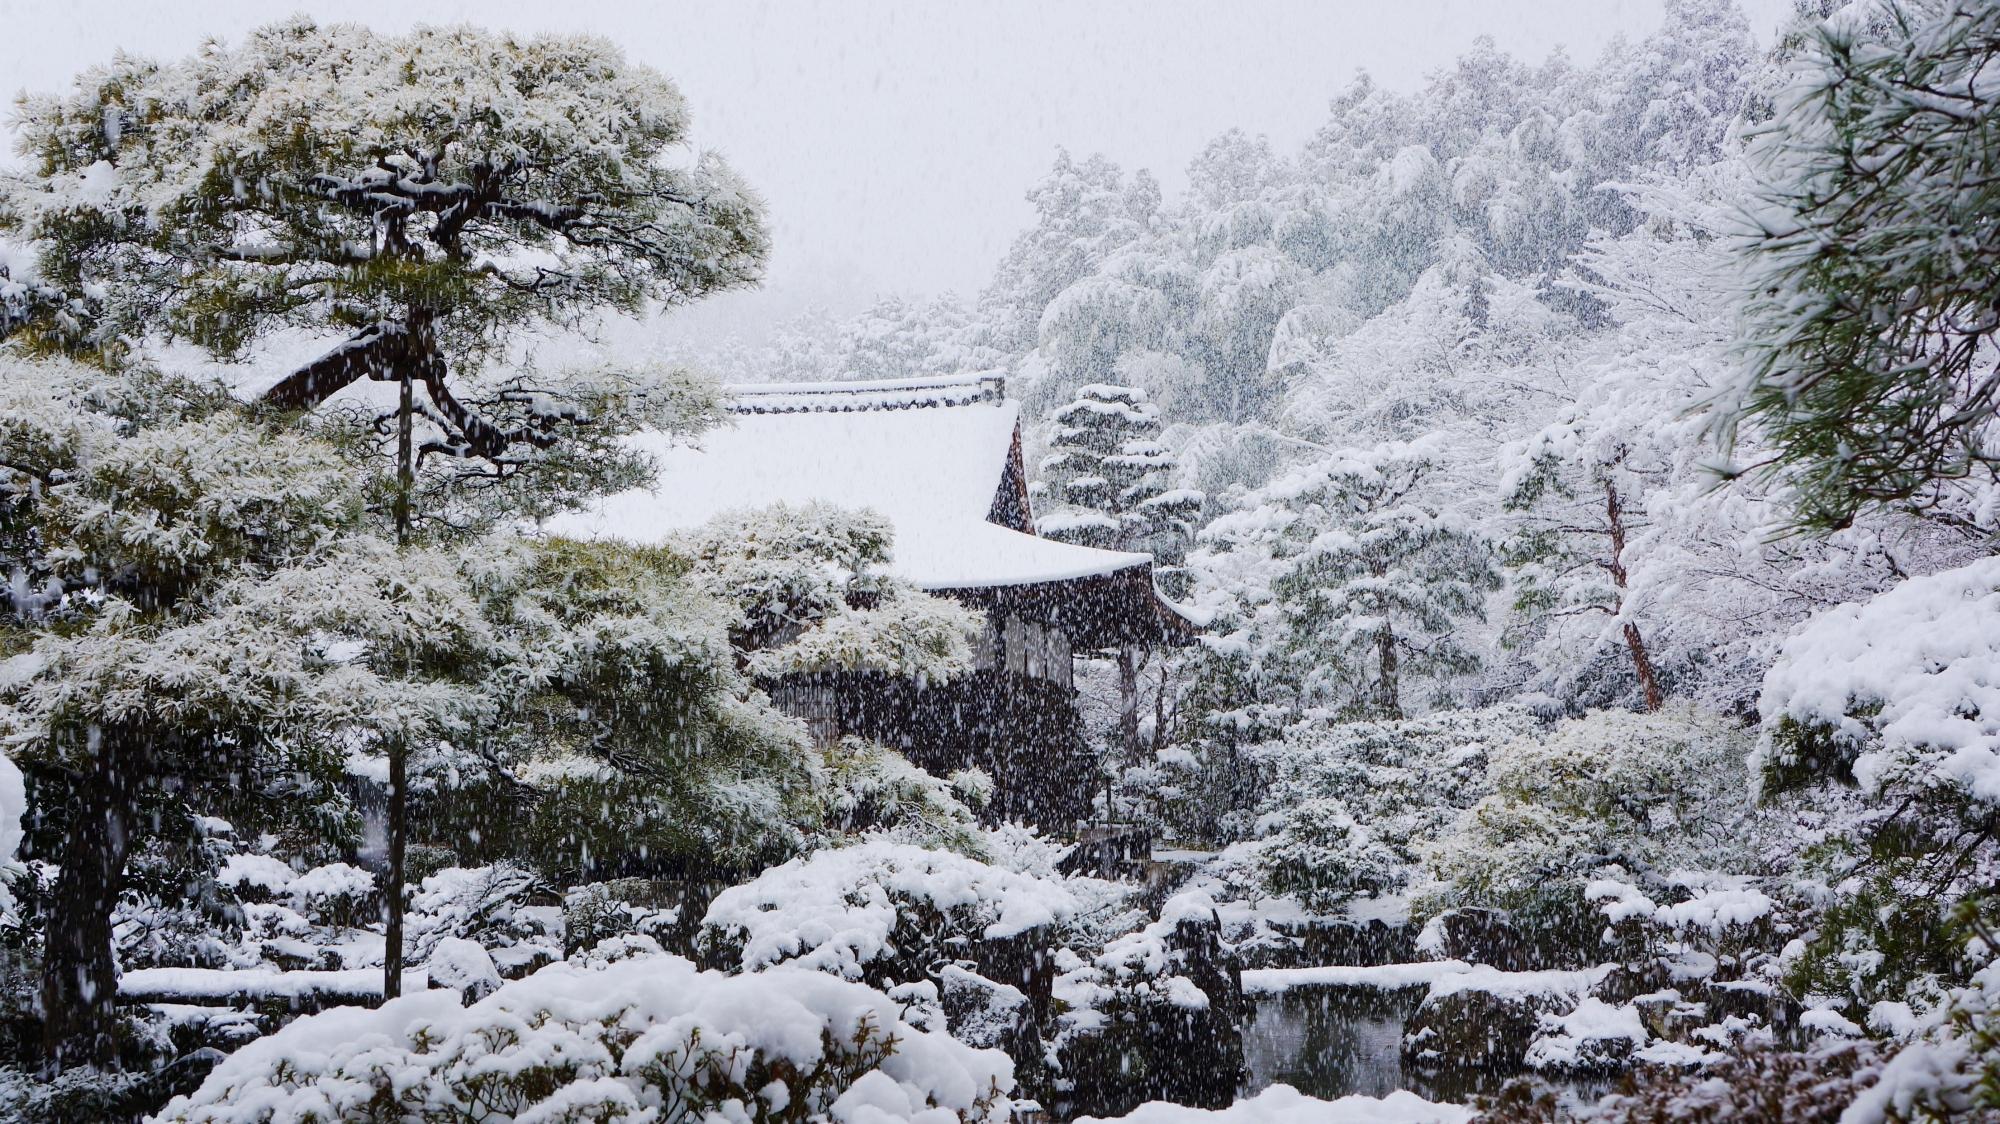 銀閣寺の錦鏡池(きんきょうち)と東求堂(とうぐどう)の雪景色